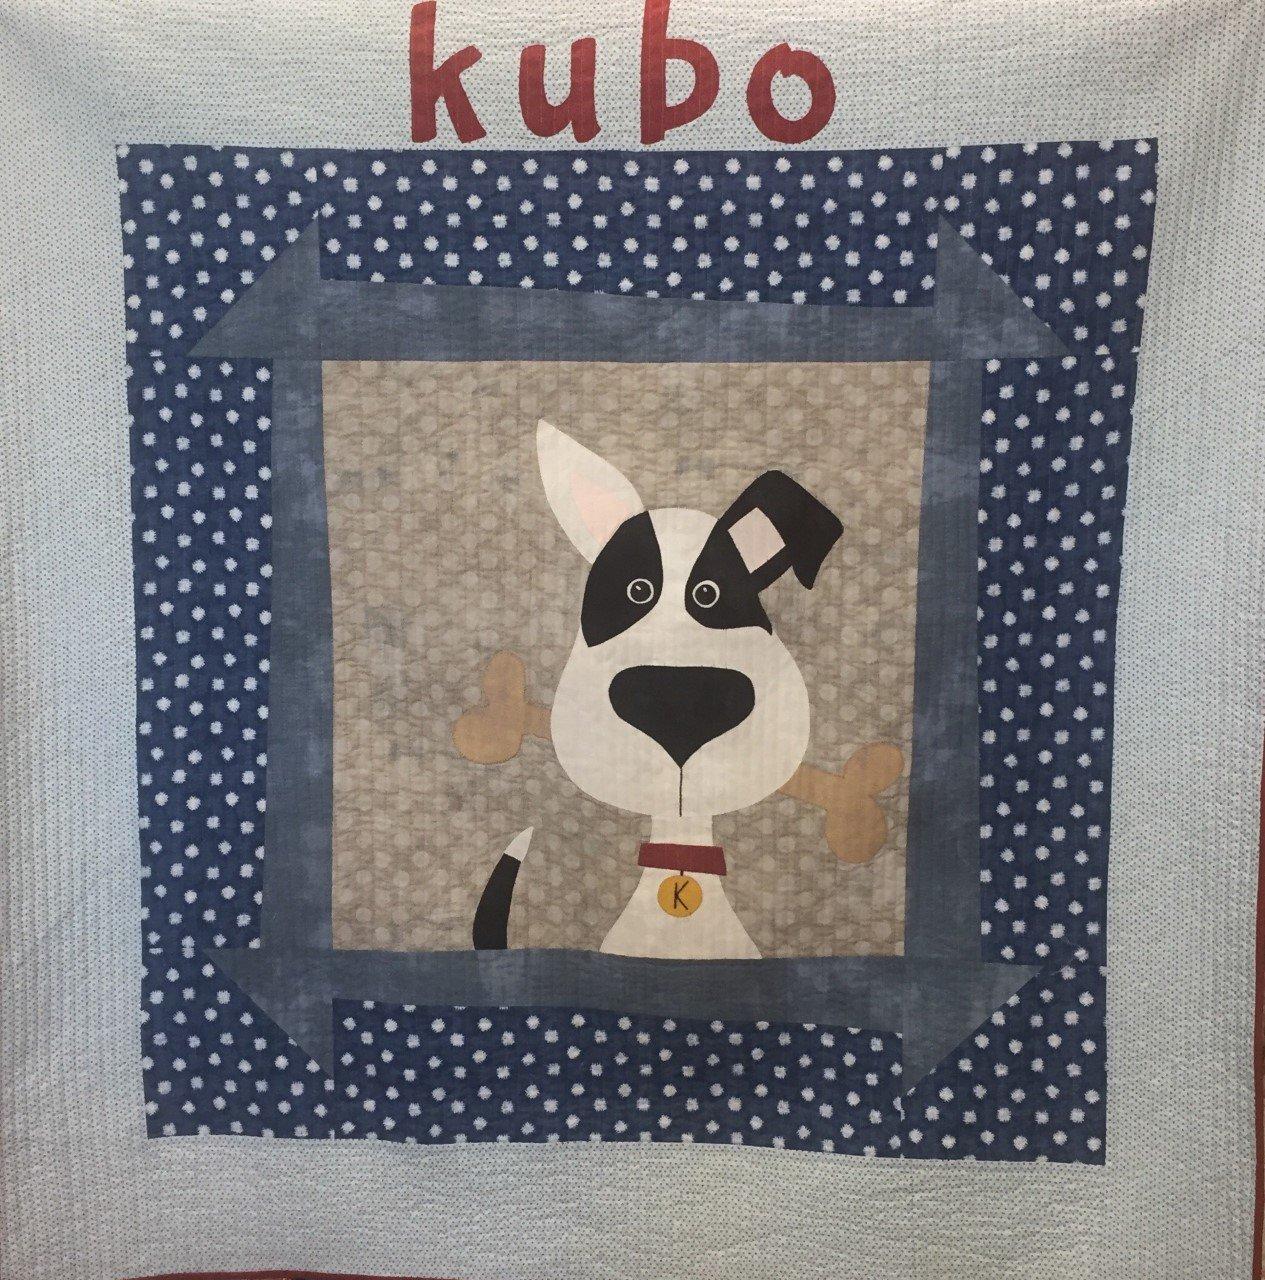 Kubo Dog Quilt -kit